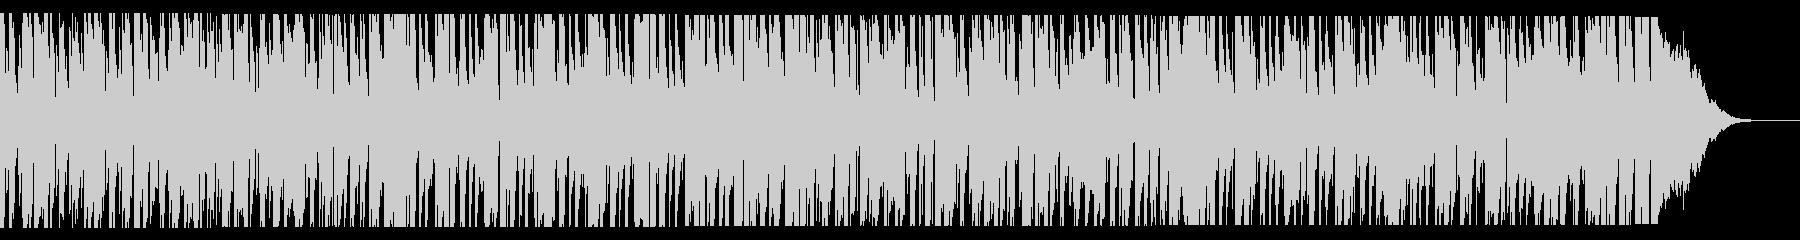 生音系・南の島の陽気でお気楽なレゲエの未再生の波形